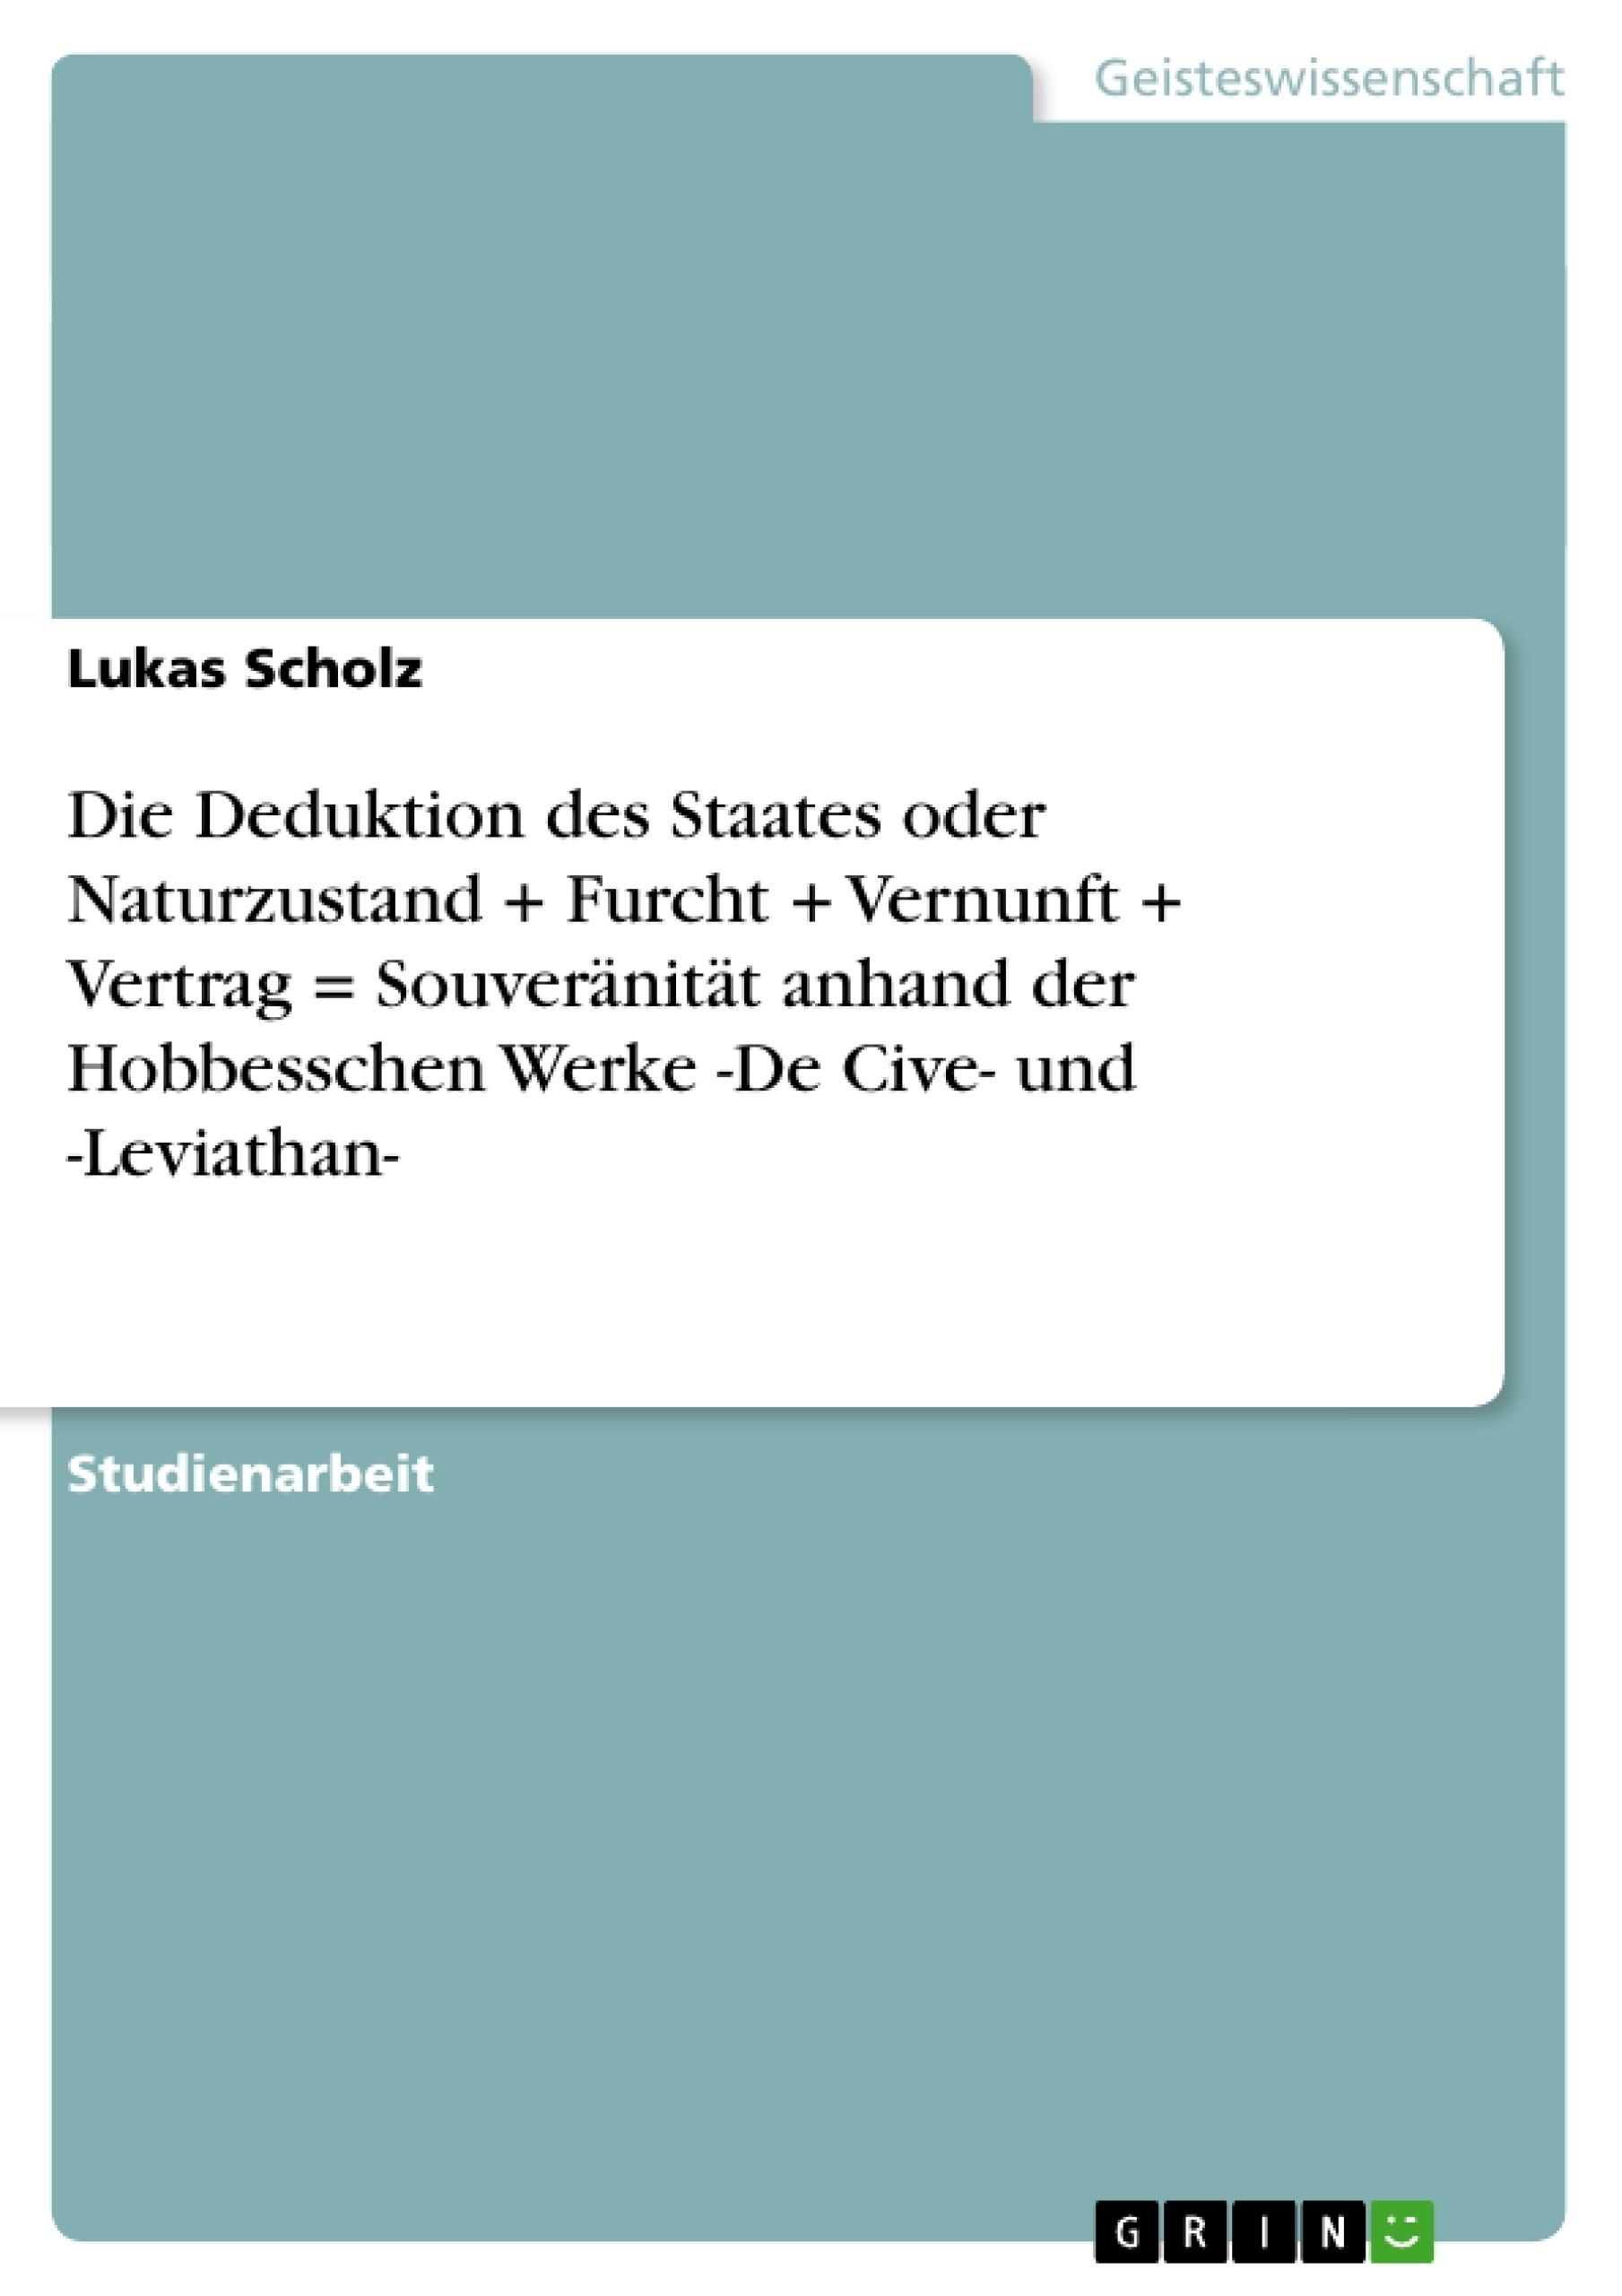 Titel: Die Deduktion des Staates oder Naturzustand + Furcht + Vernunft + Vertrag = Souveränität anhand der Hobbesschen Werke -De Cive- und -Leviathan-